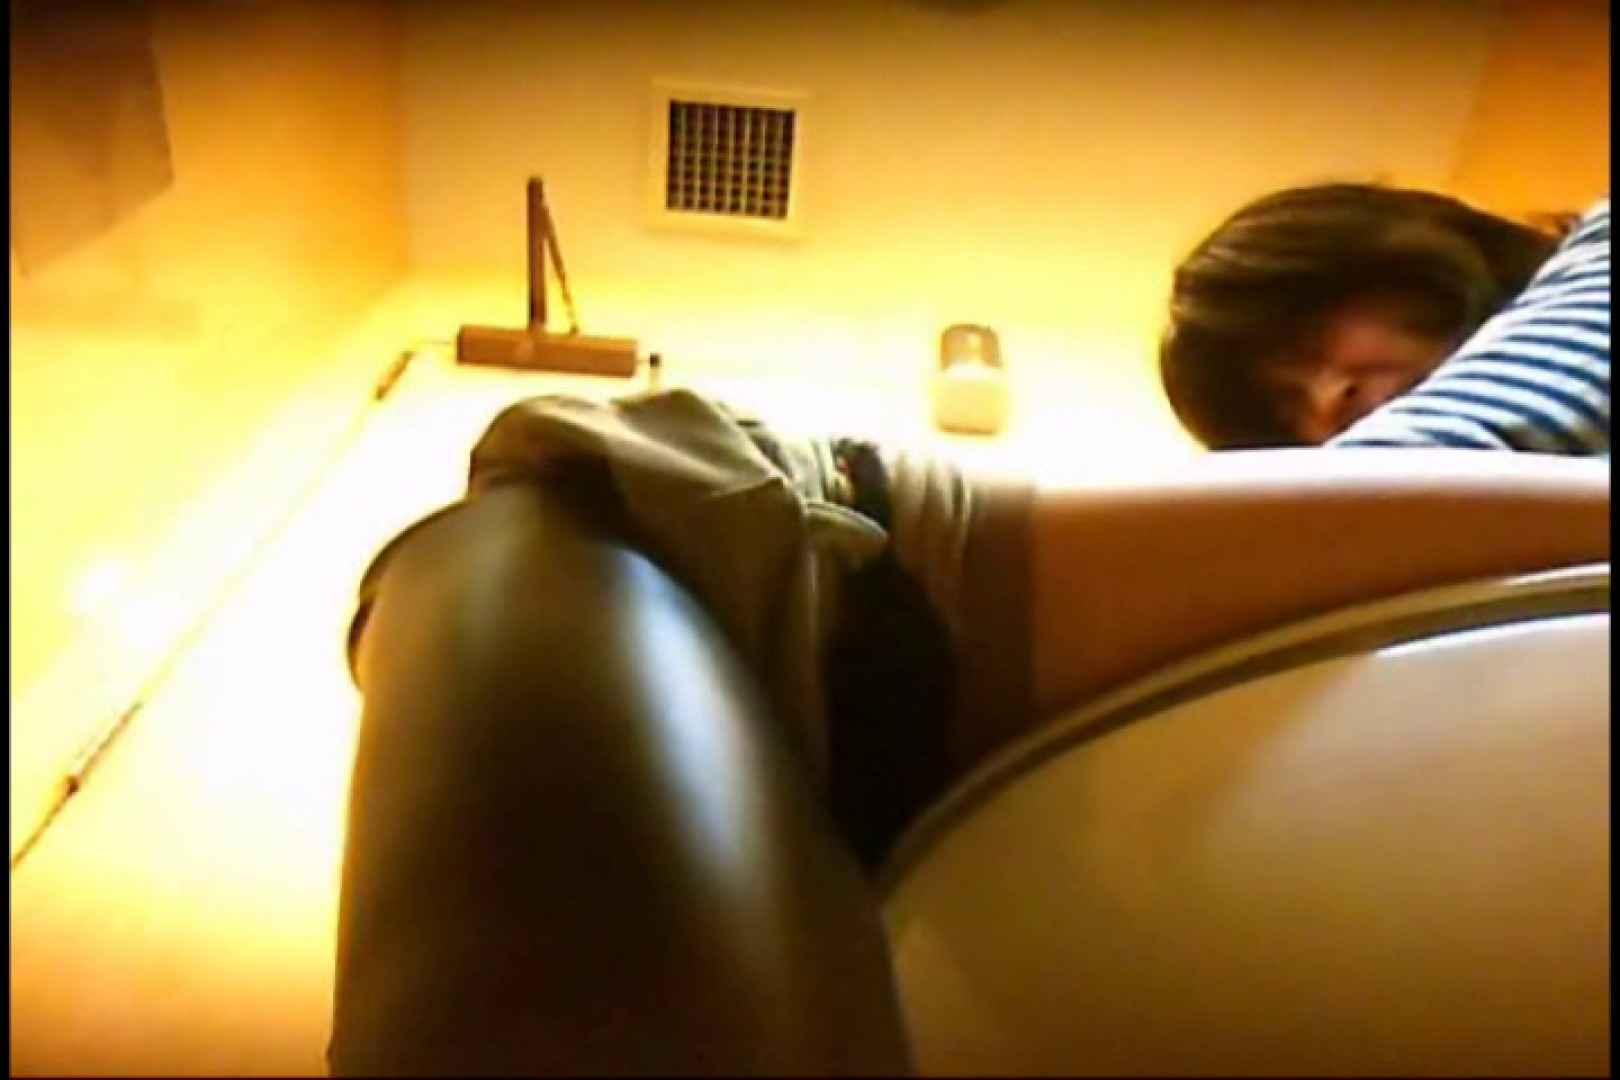 マダムが集まるデパートお手洗い Vol.02 お手洗いで・・・ のぞき 110画像 60